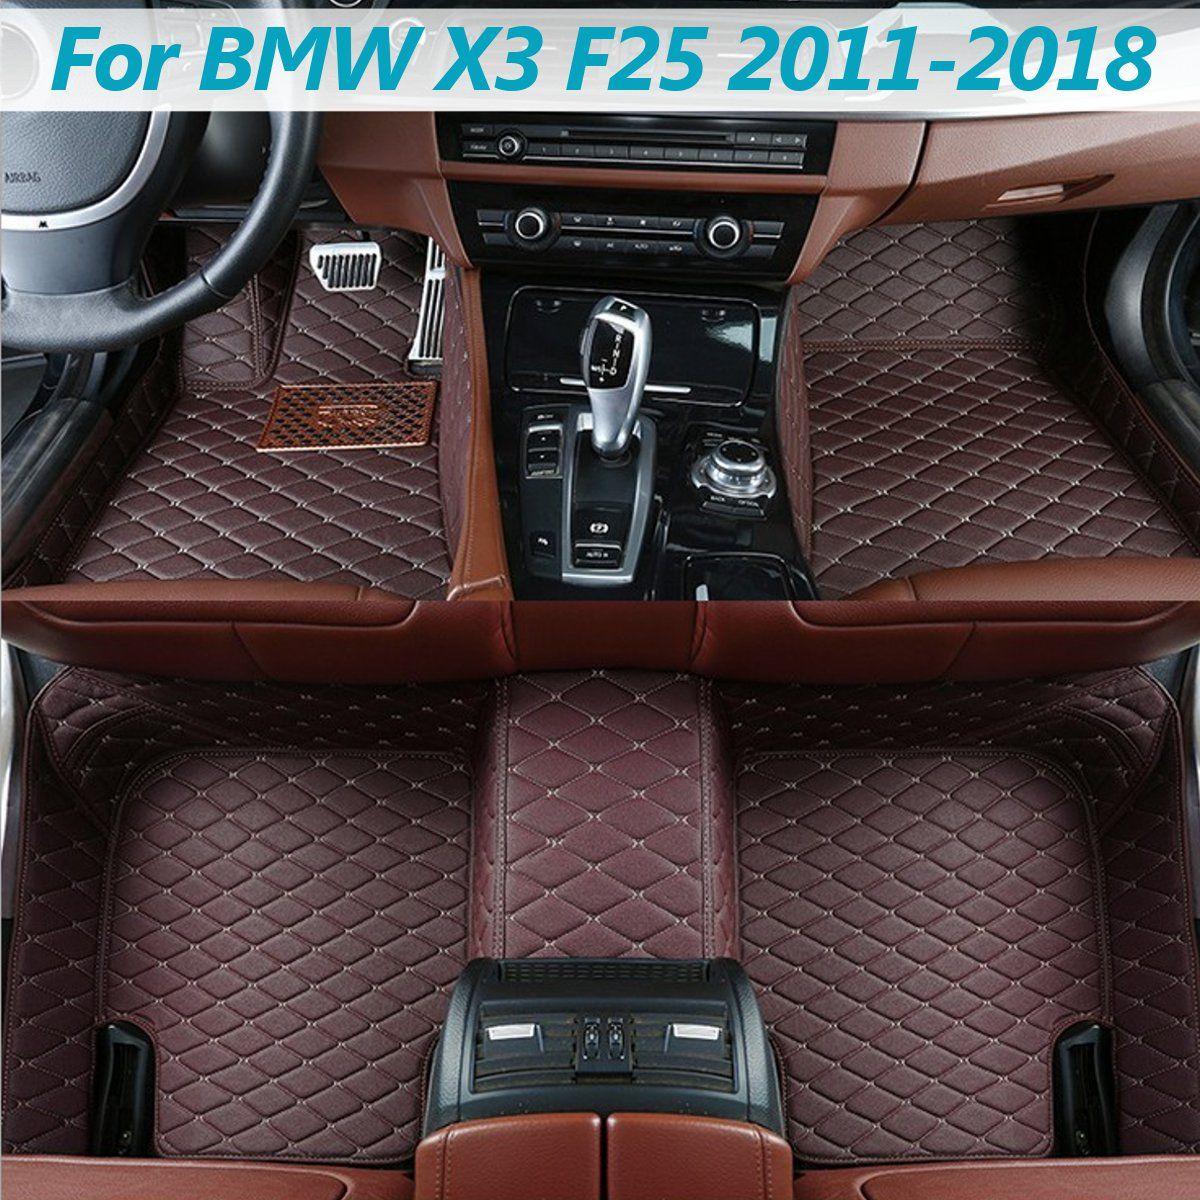 Auto Leder Vorne Hinten Fußmatten Set Liner Wasserdichte 5 Sitz Matte Für BMW X3 F25 2011 2012 2013 2014 2015 2016 2017 2018